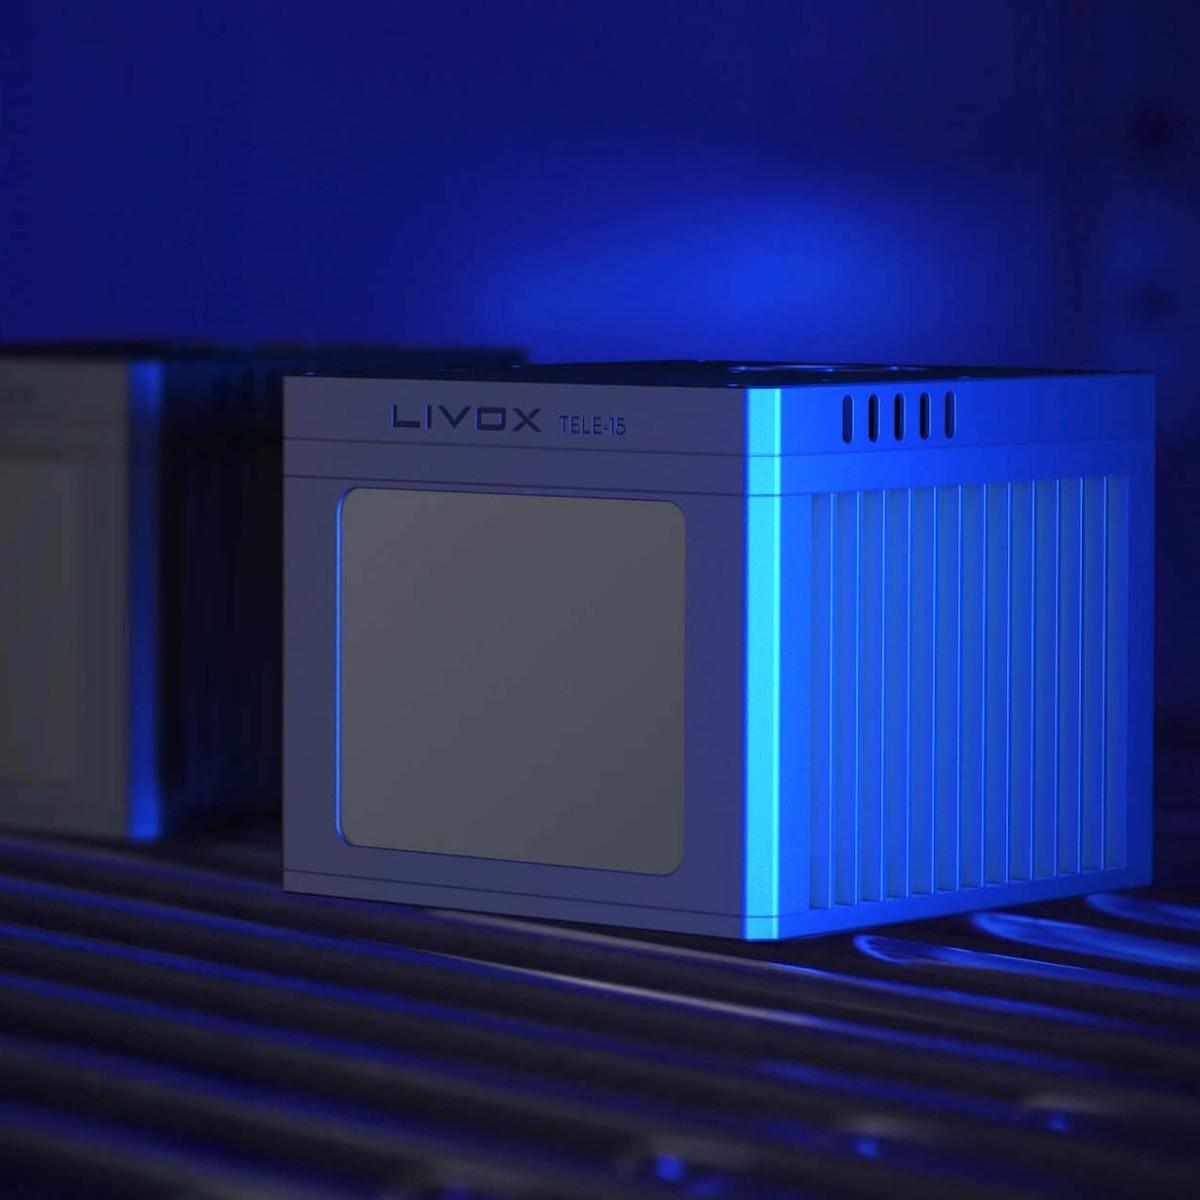 Livox Horizon & Tele-15 Automotive LiDAR Devices are helpful for autonomous driving